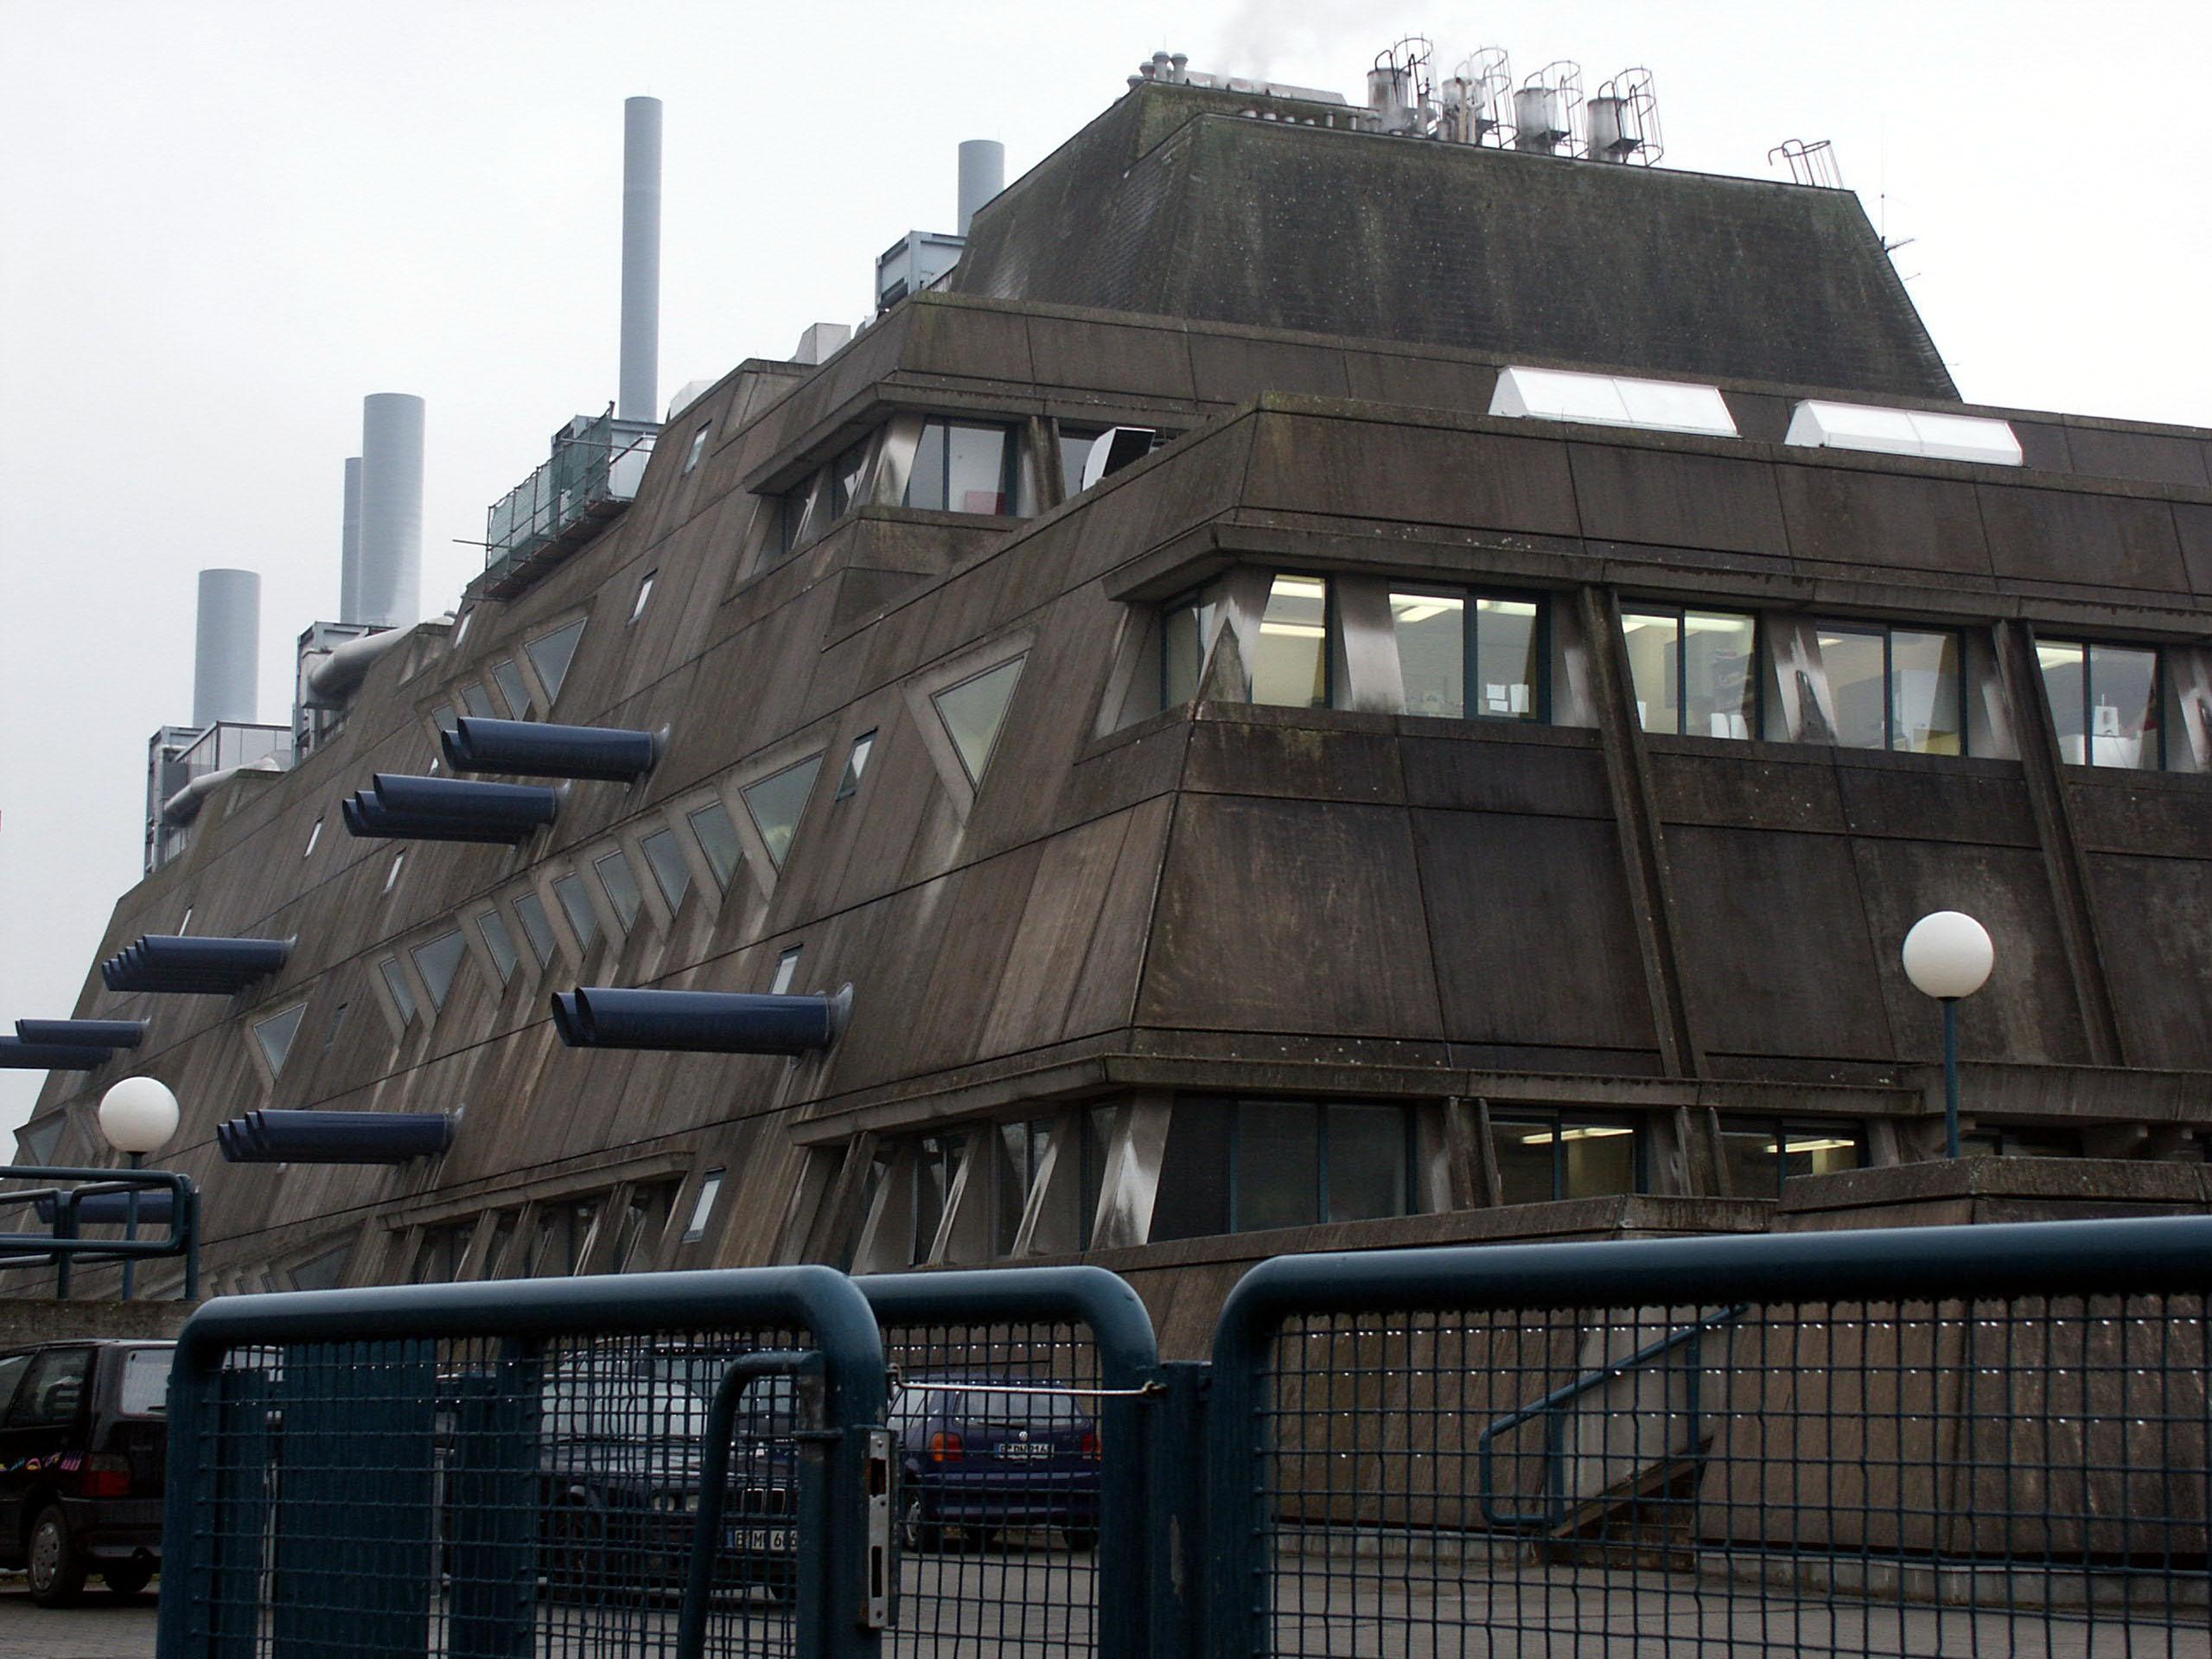 Nachkriegsarchitektur for Architektur brutalismus